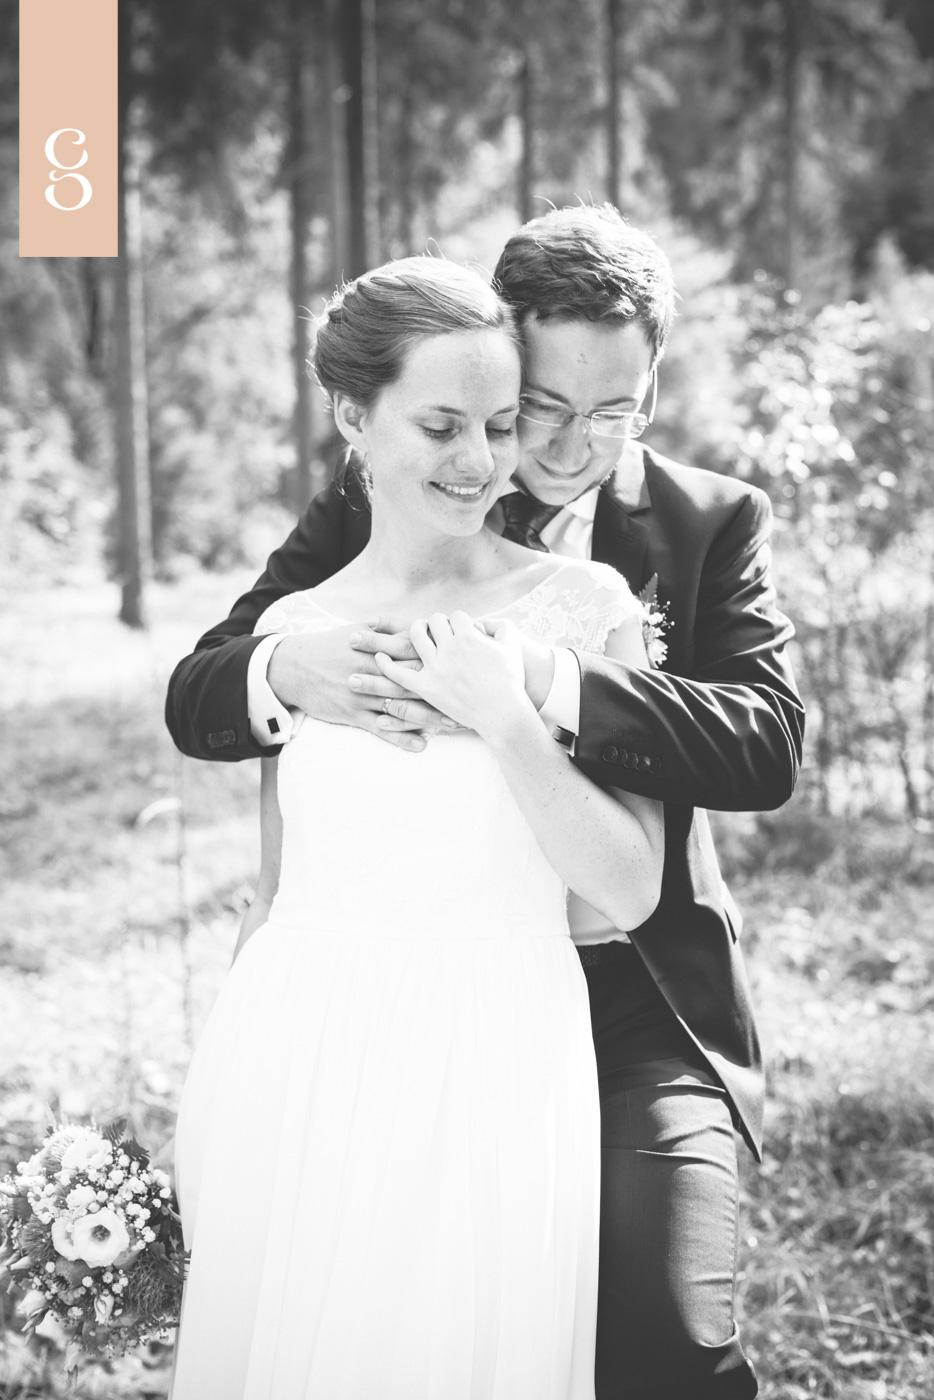 Fotograf_Goettges_Hochzeit_Wedding_Ramsau_Hintersee_Hirschbichl_Berchtesgaden_Hochzeitsfotograf-11